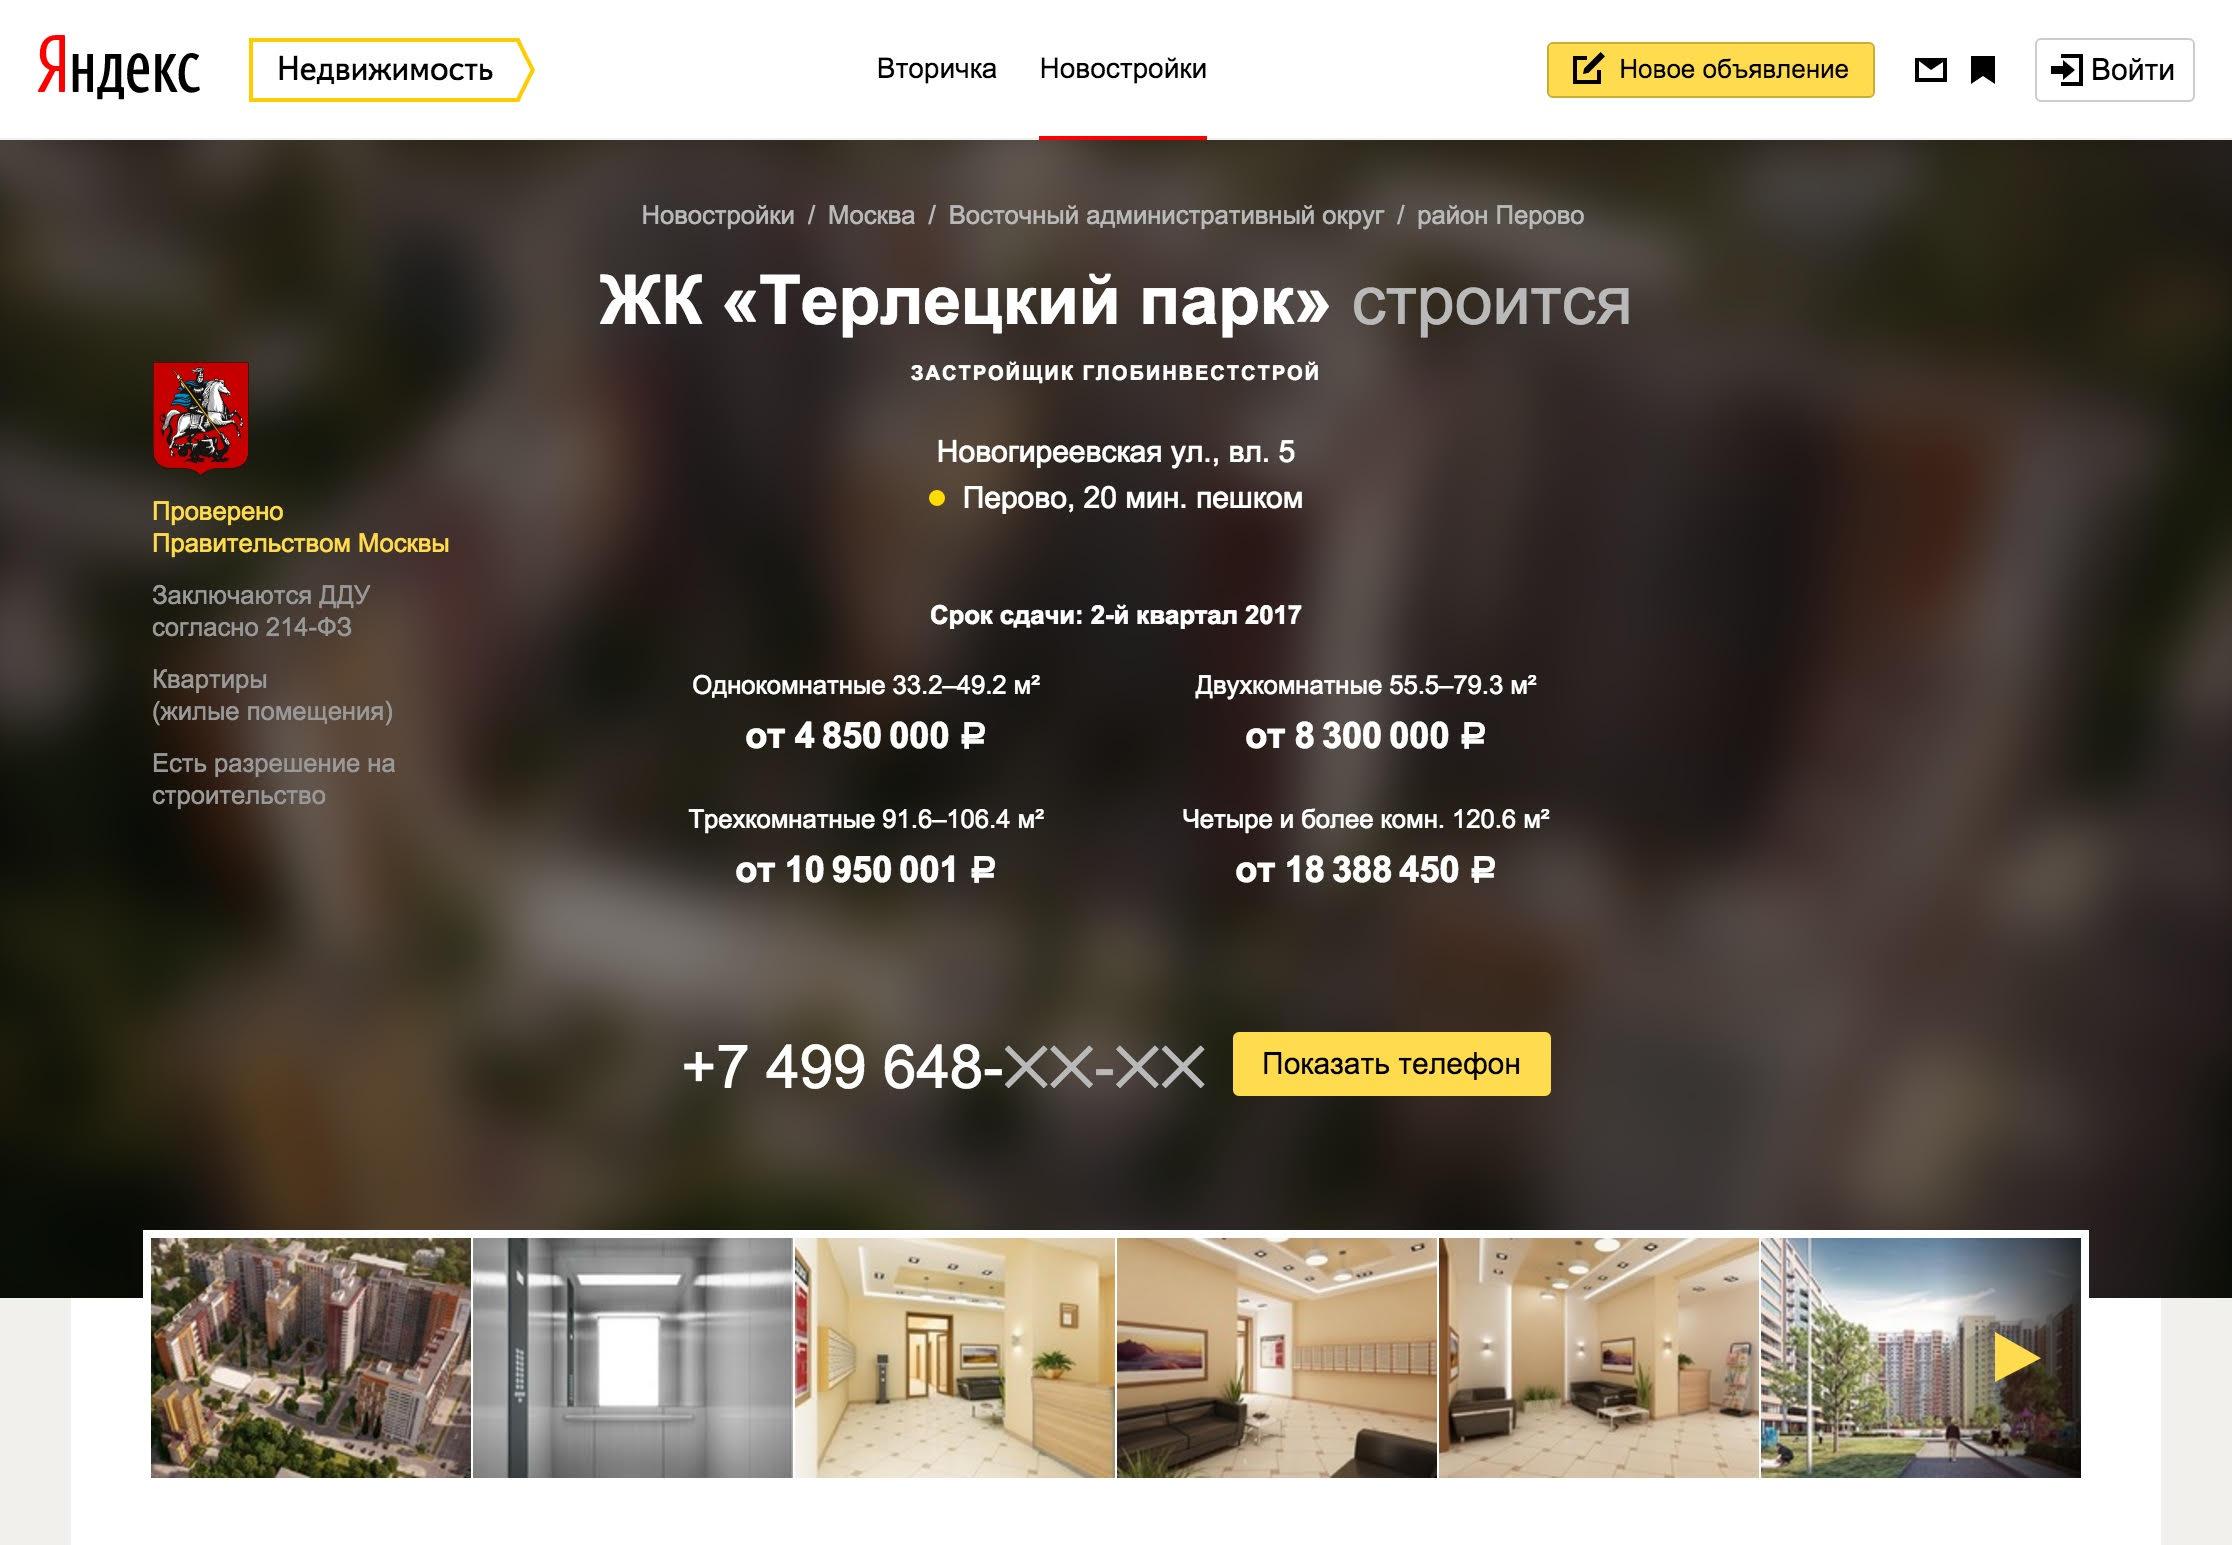 Яндекс.Недвижимость начала помечать легальные новостройки